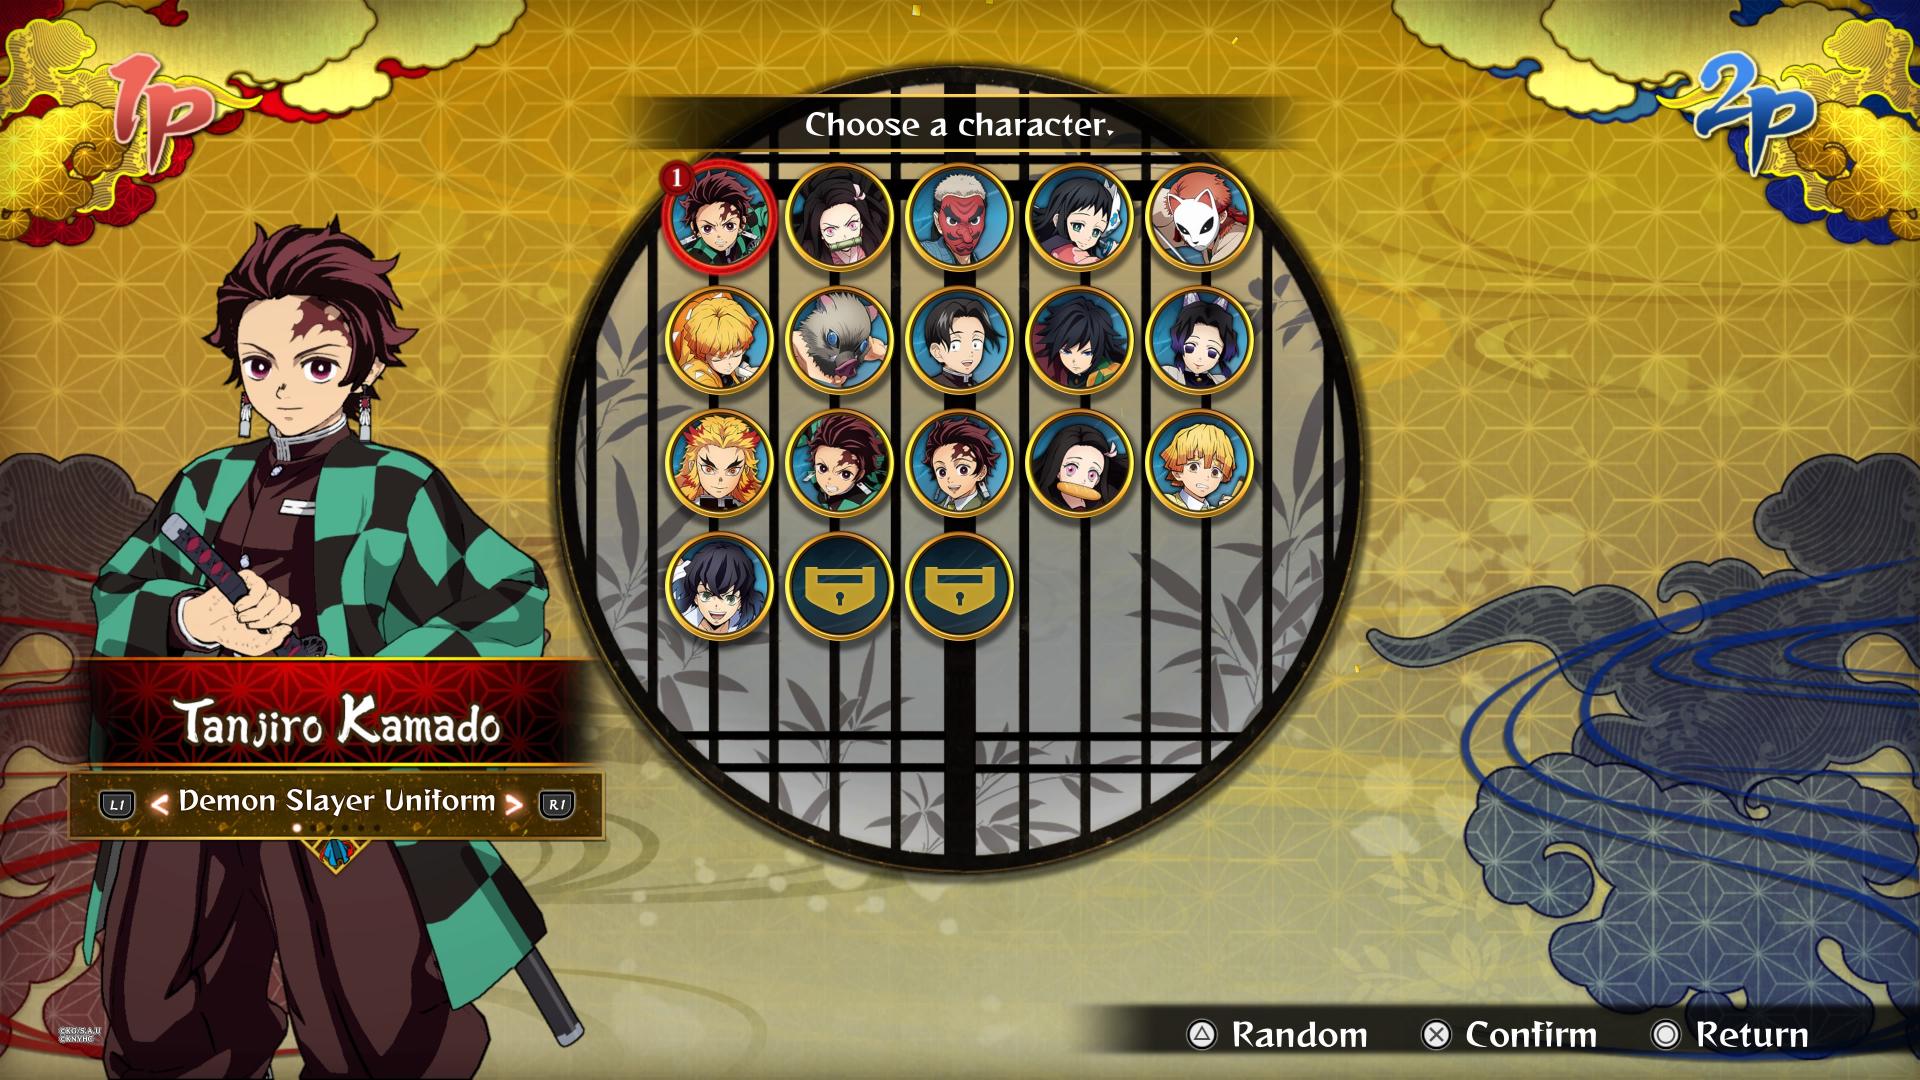 hinokami demon slayer narra todos los personajes